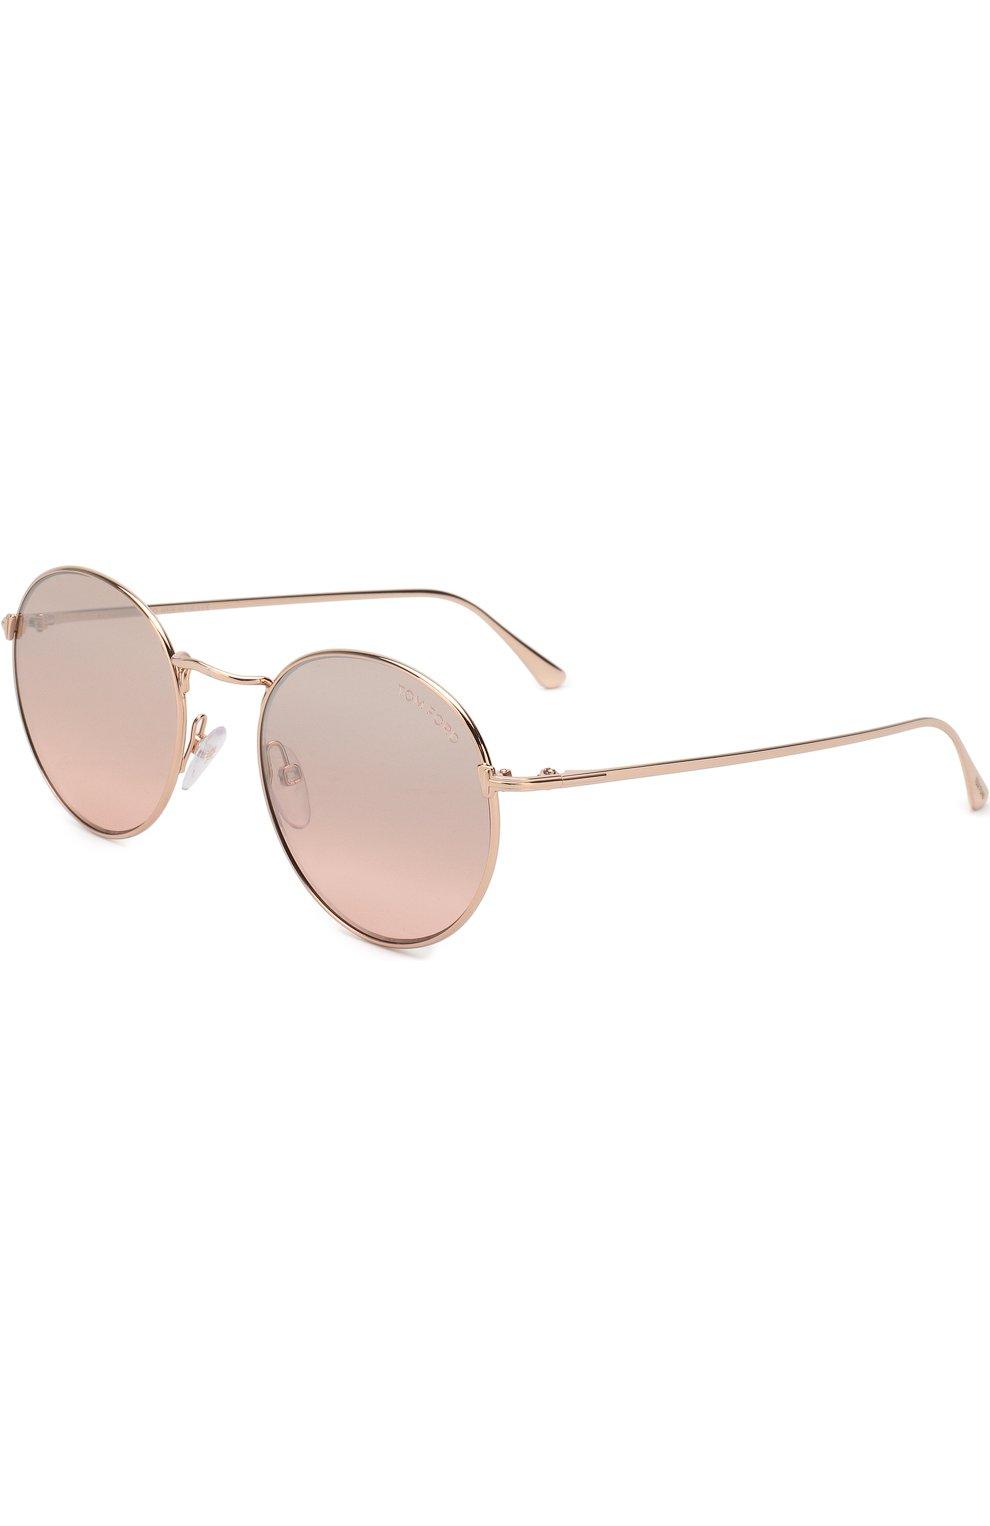 Женские солнцезащитные очки TOM FORD светло-розового цвета, арт. TF649 33Z | Фото 1